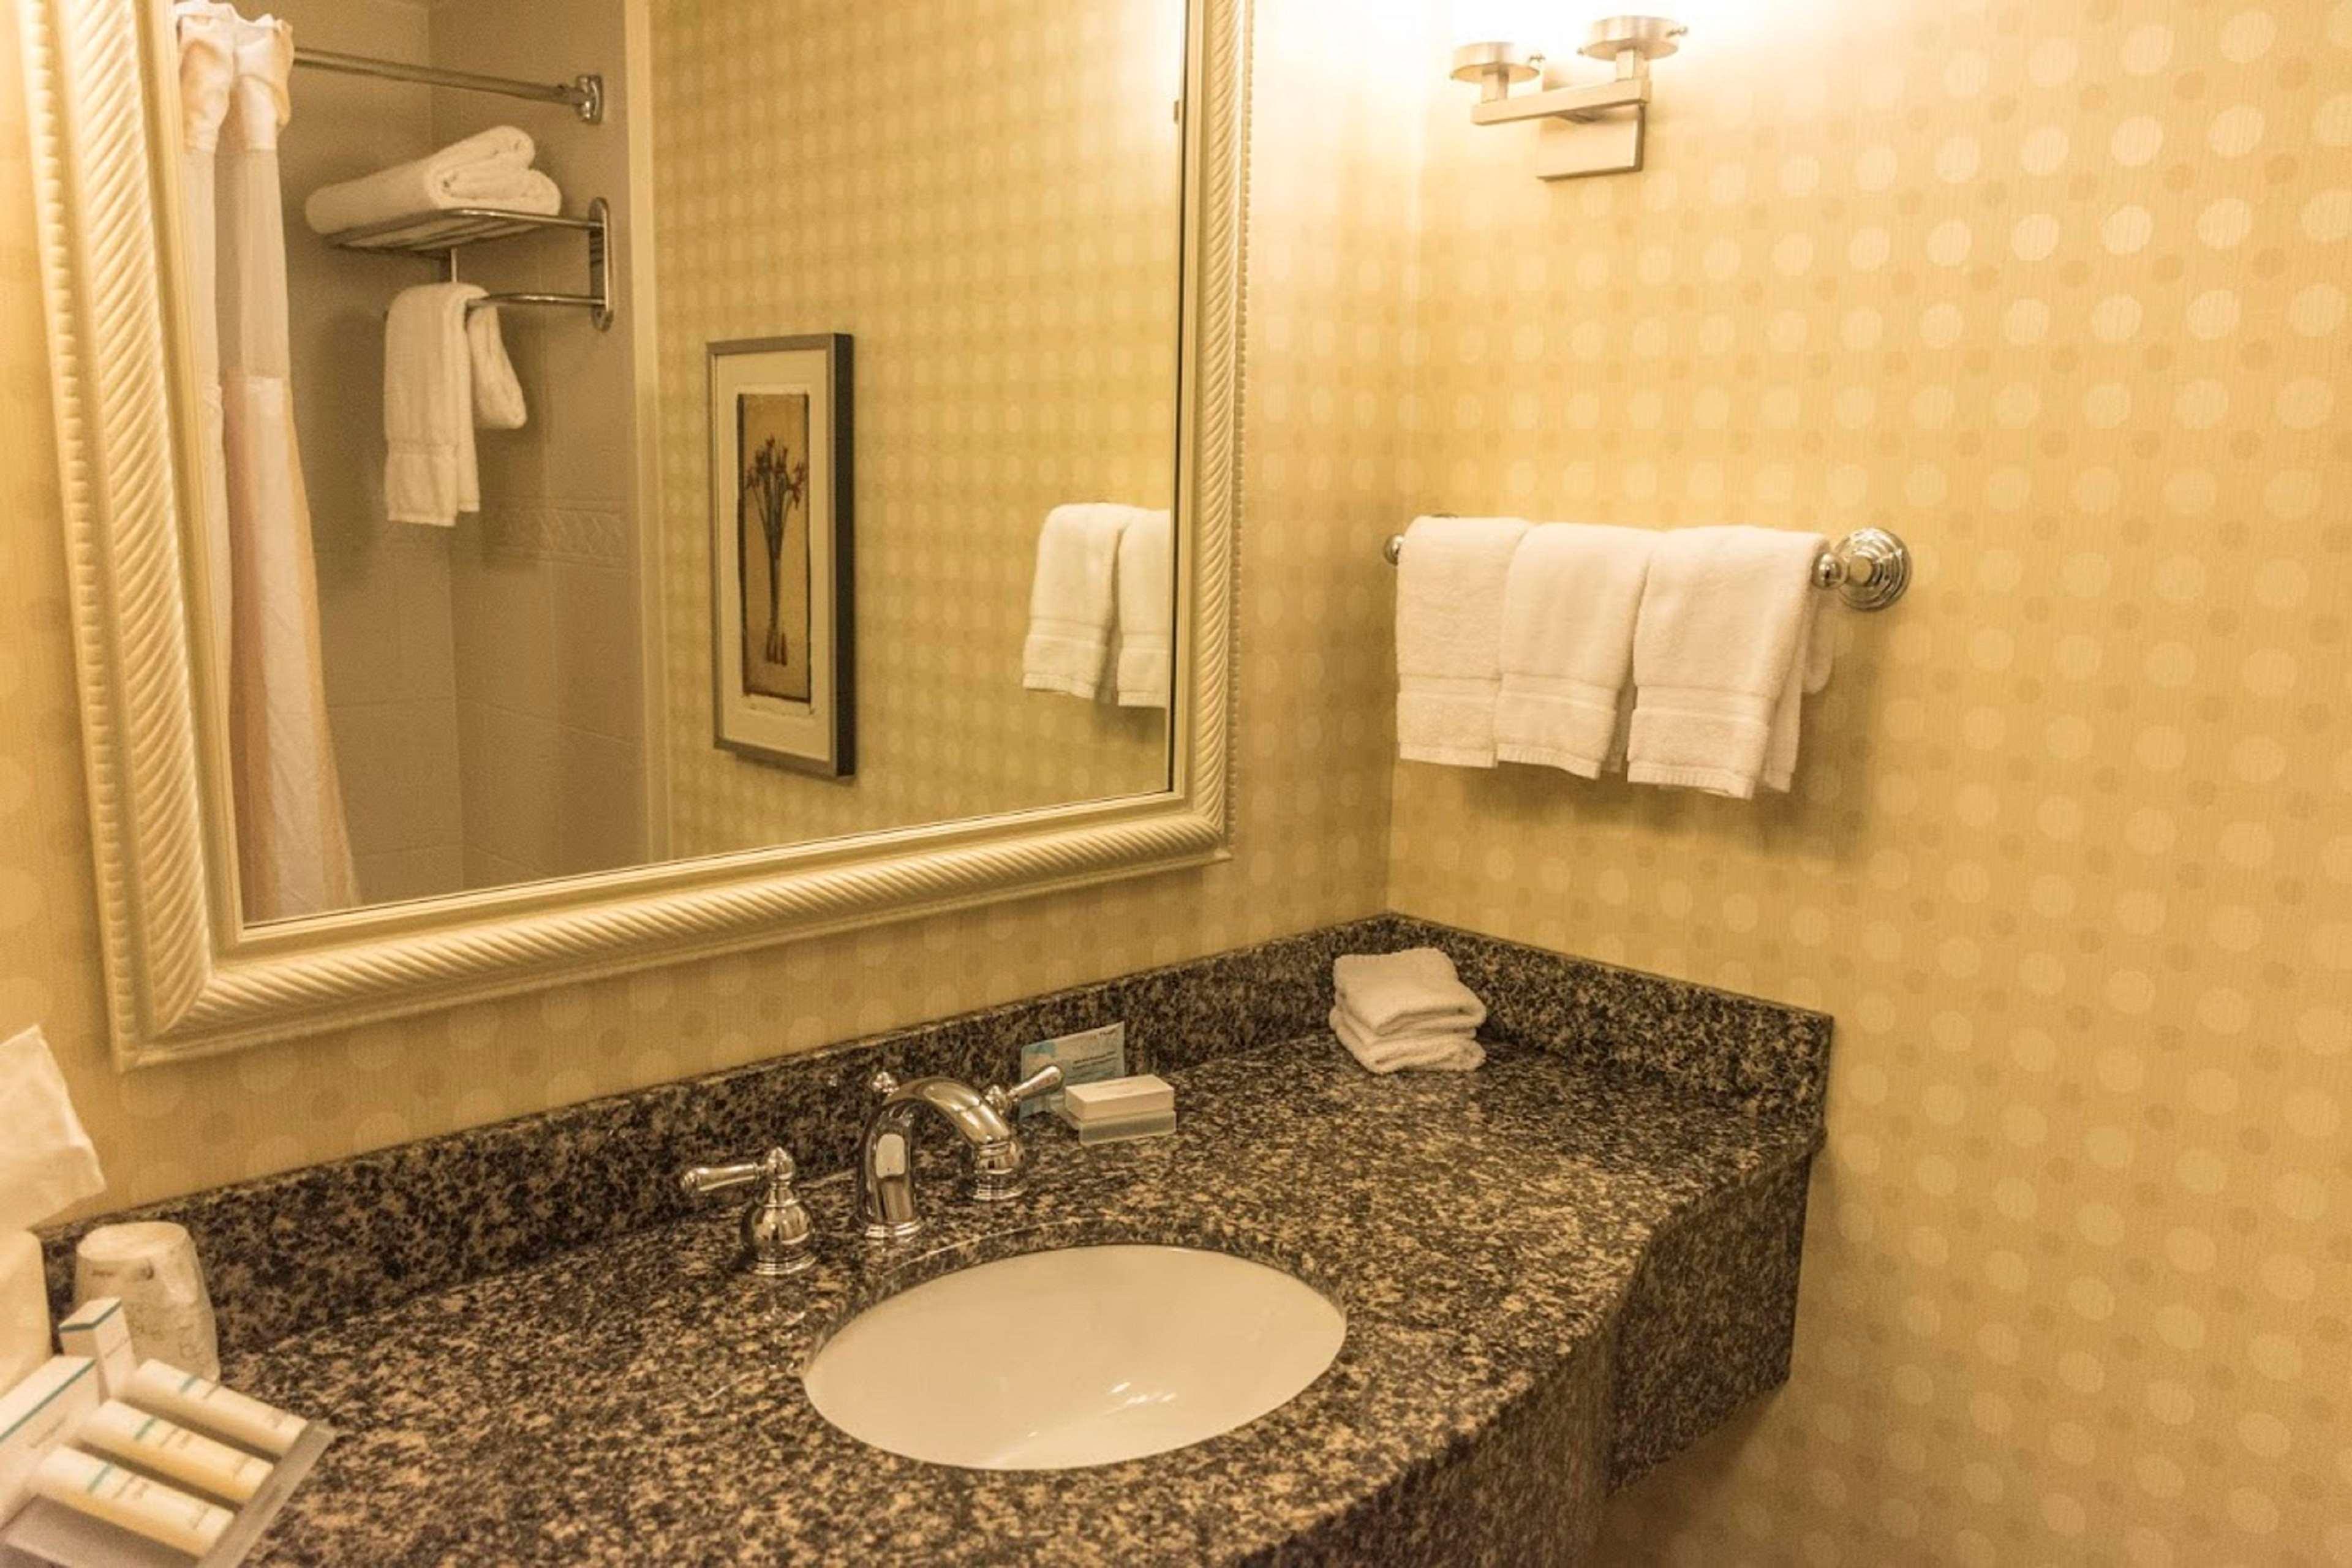 Hilton Garden Inn Bangor 250 Haskell Road Bangor, ME Hotels & Motels ...